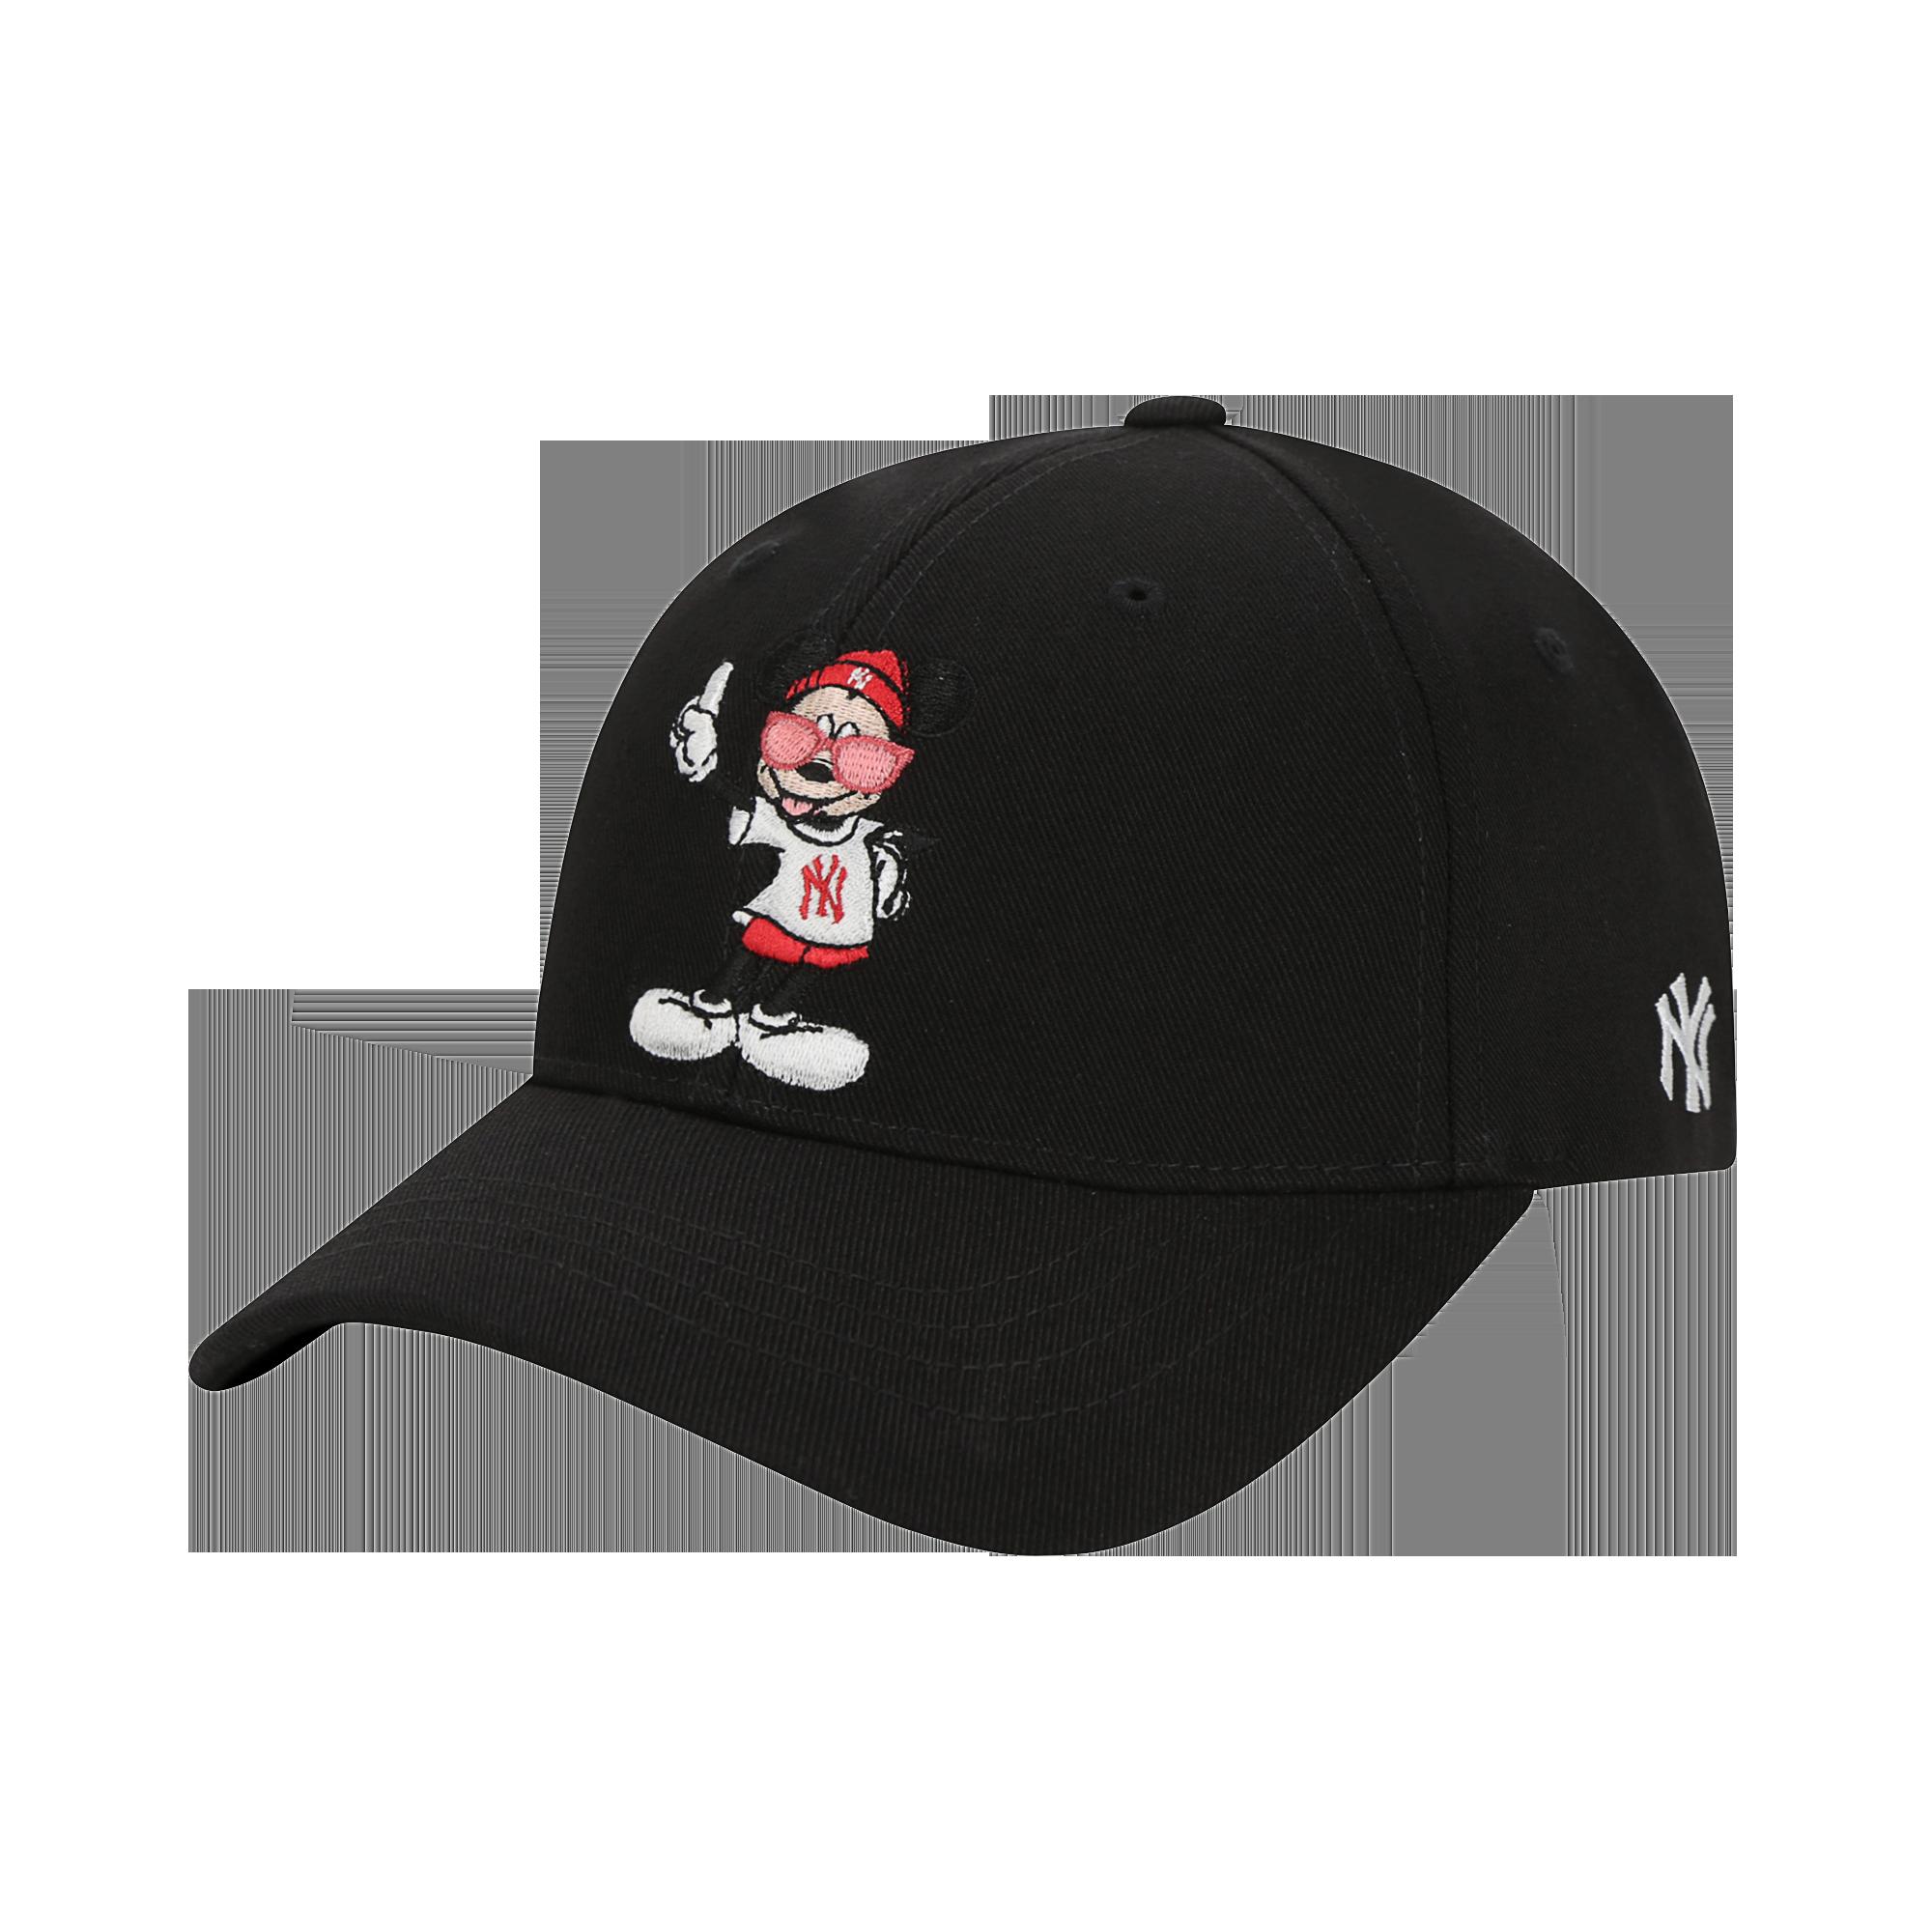 MLB x DISNEY 미키마우스 커브캡 뉴욕양키스